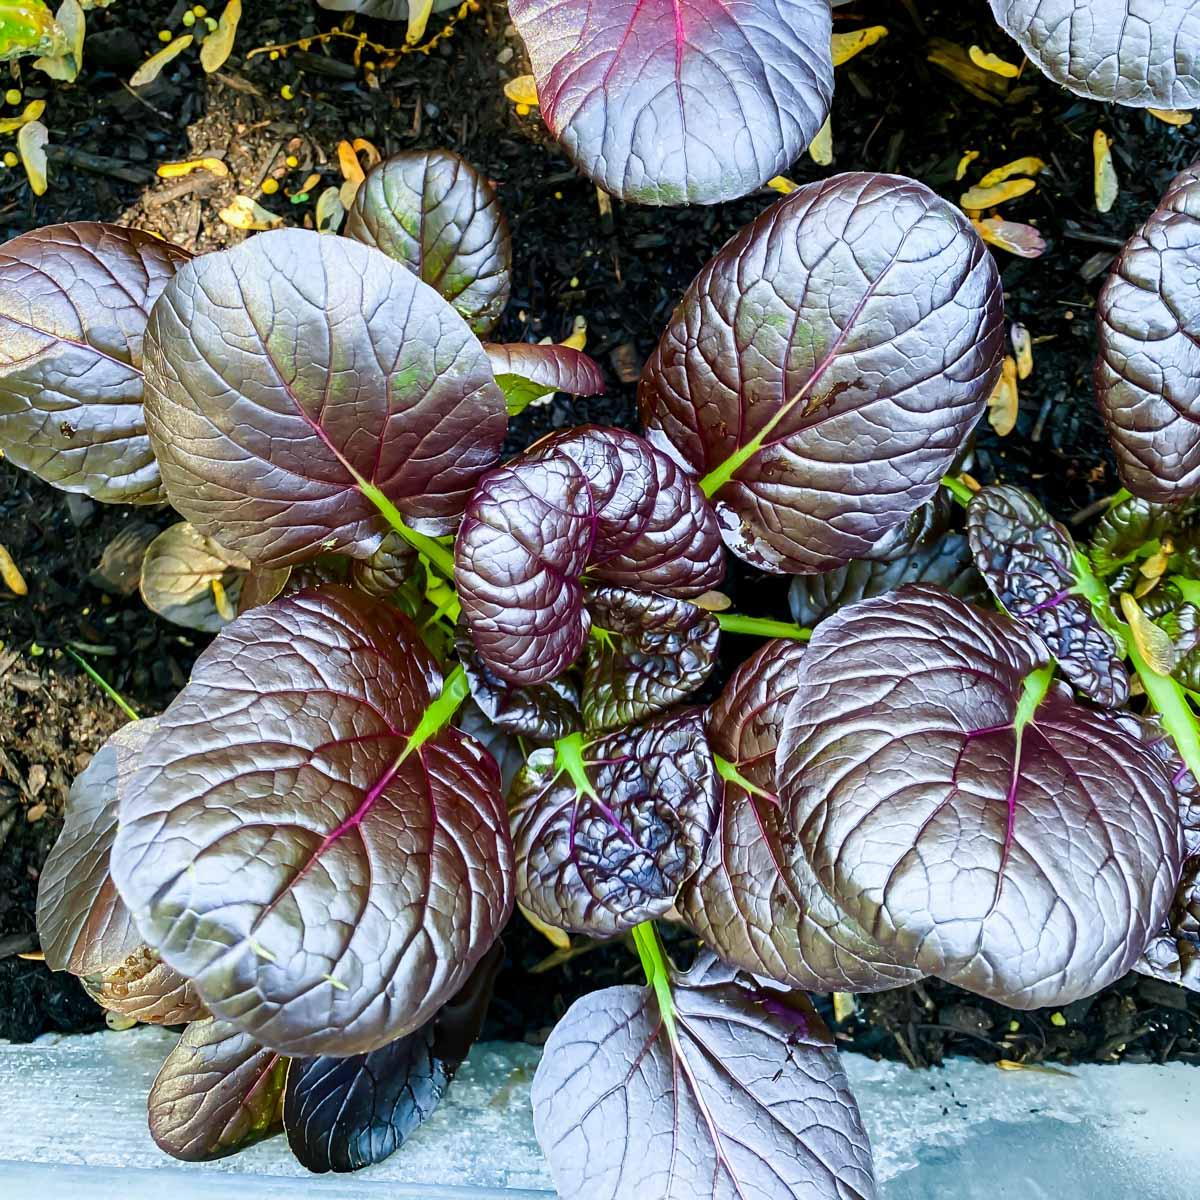 Purple tatsoi plant growing in a garden.